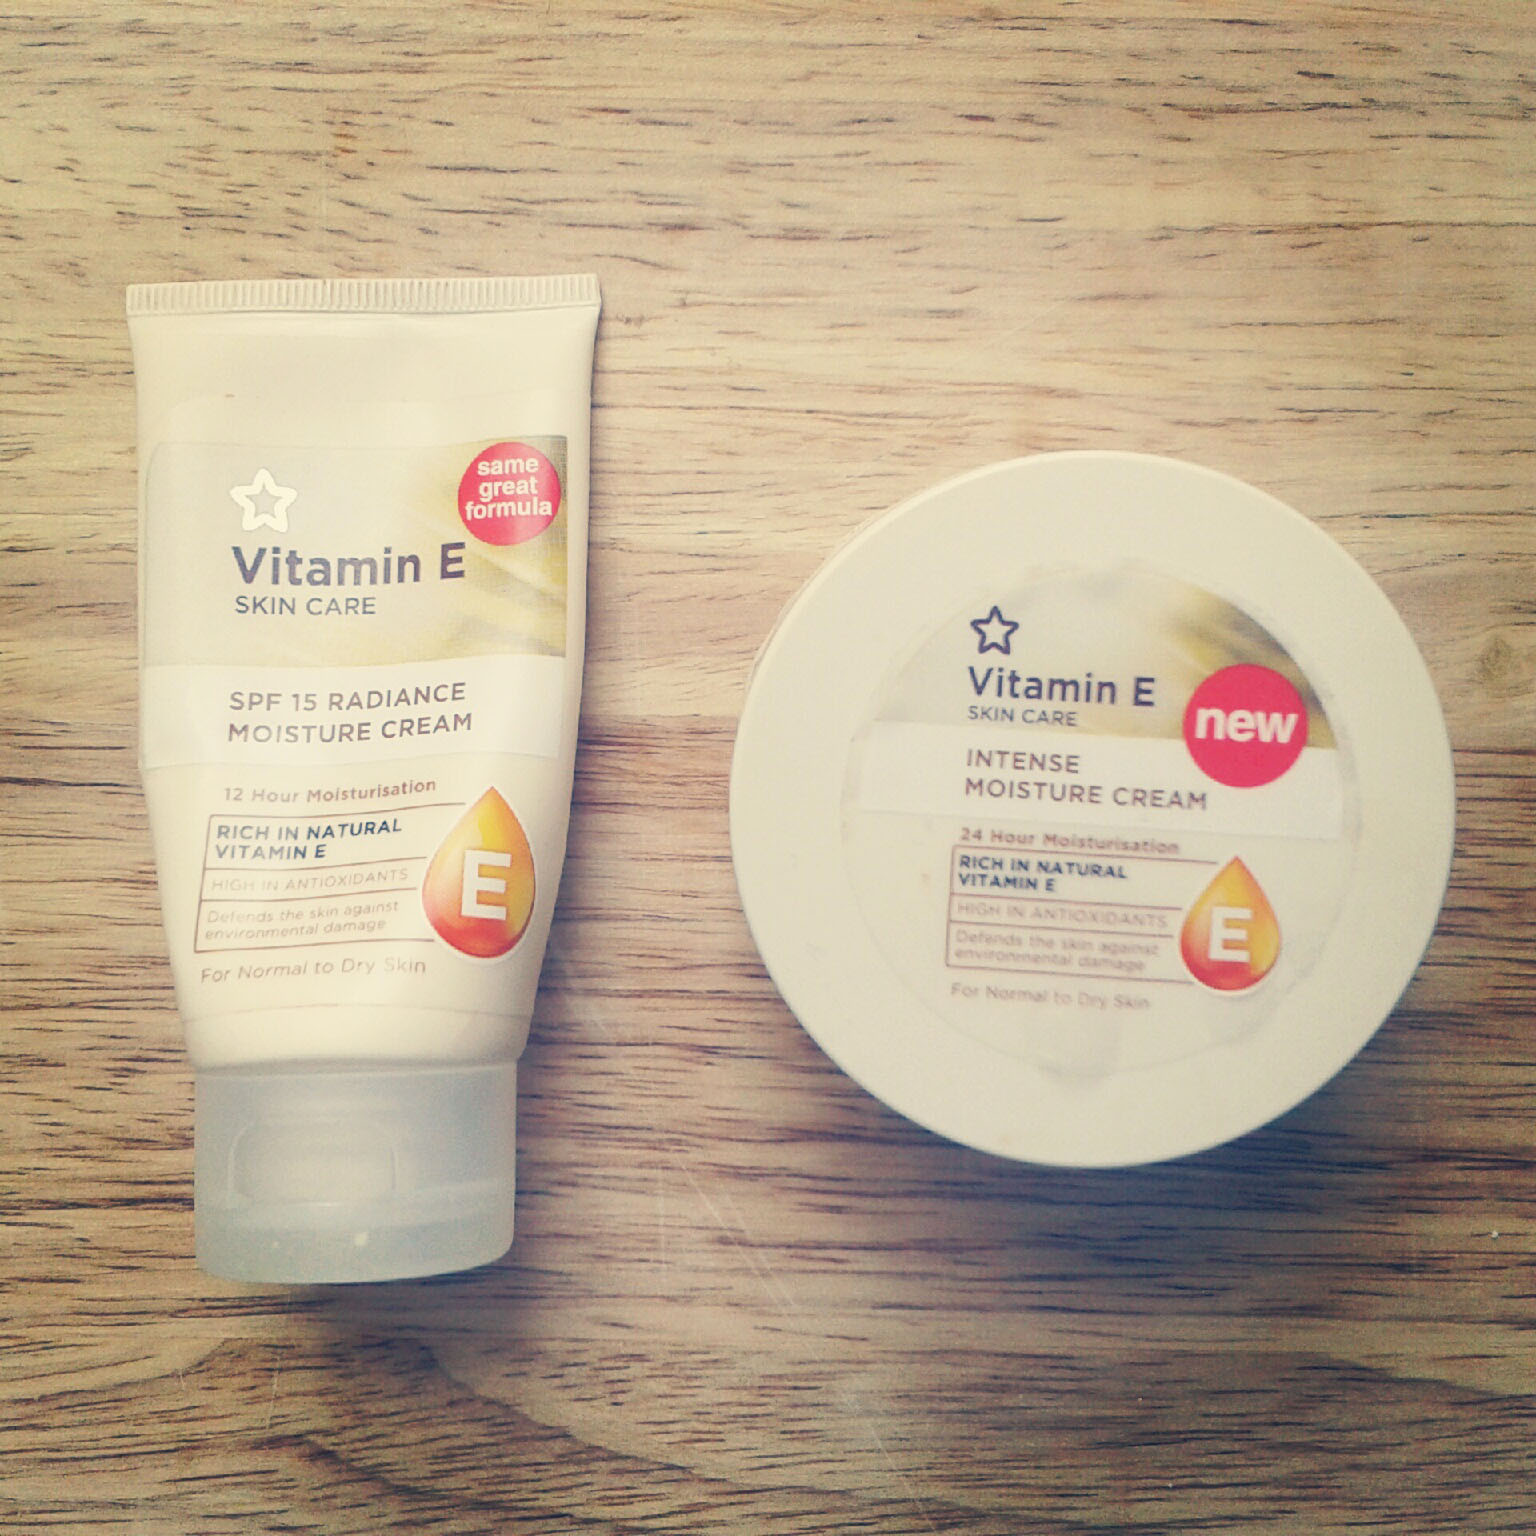 Как сделать домашние кремы для лица: от морщин, увлажняющие, омоложивающие 30